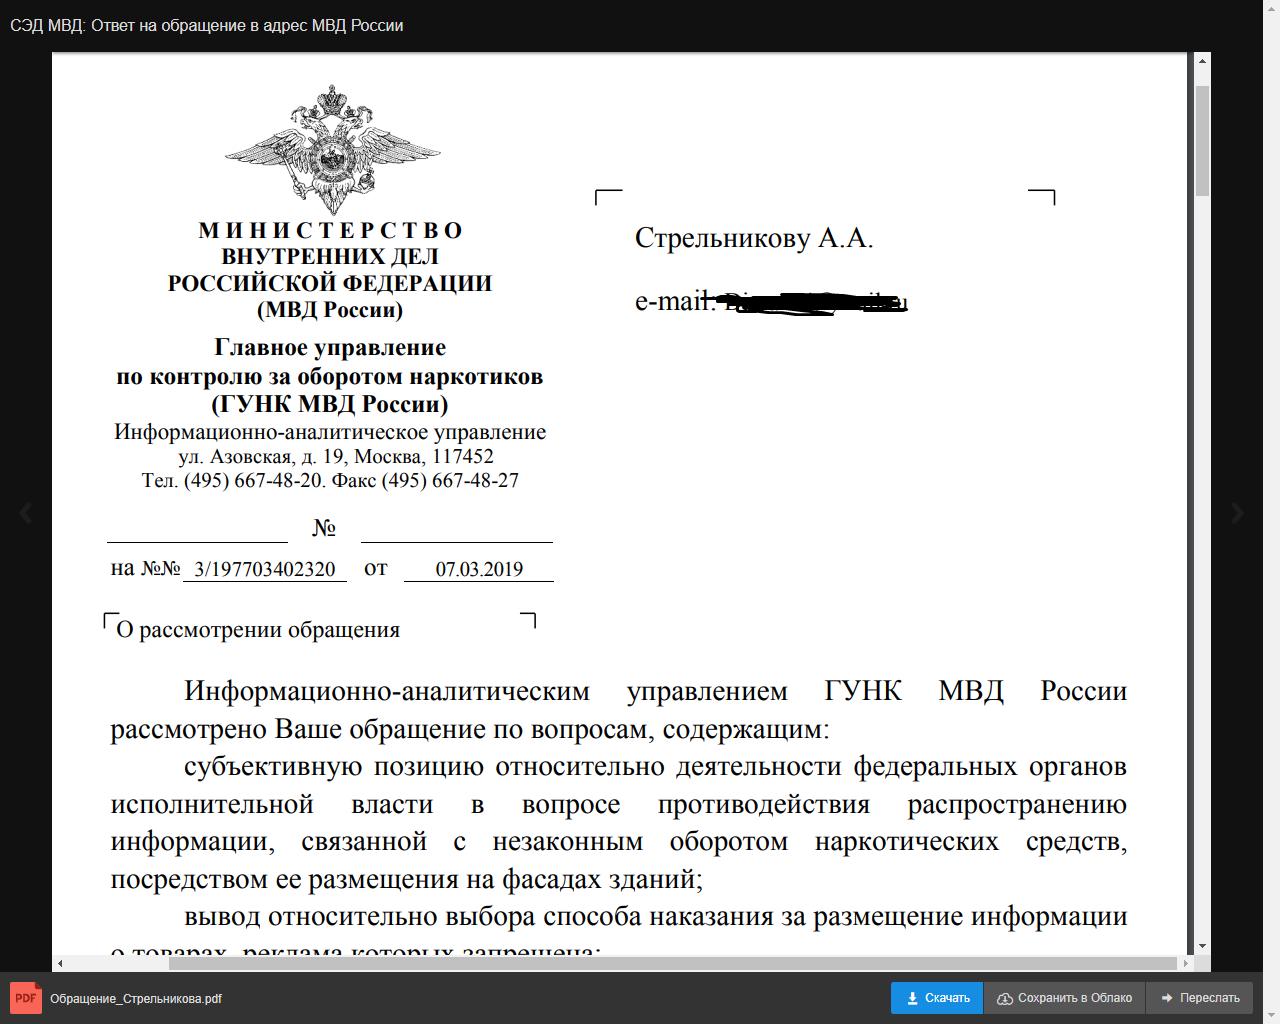 За рекламу наркотиков в России отсутствует уголовное наказание